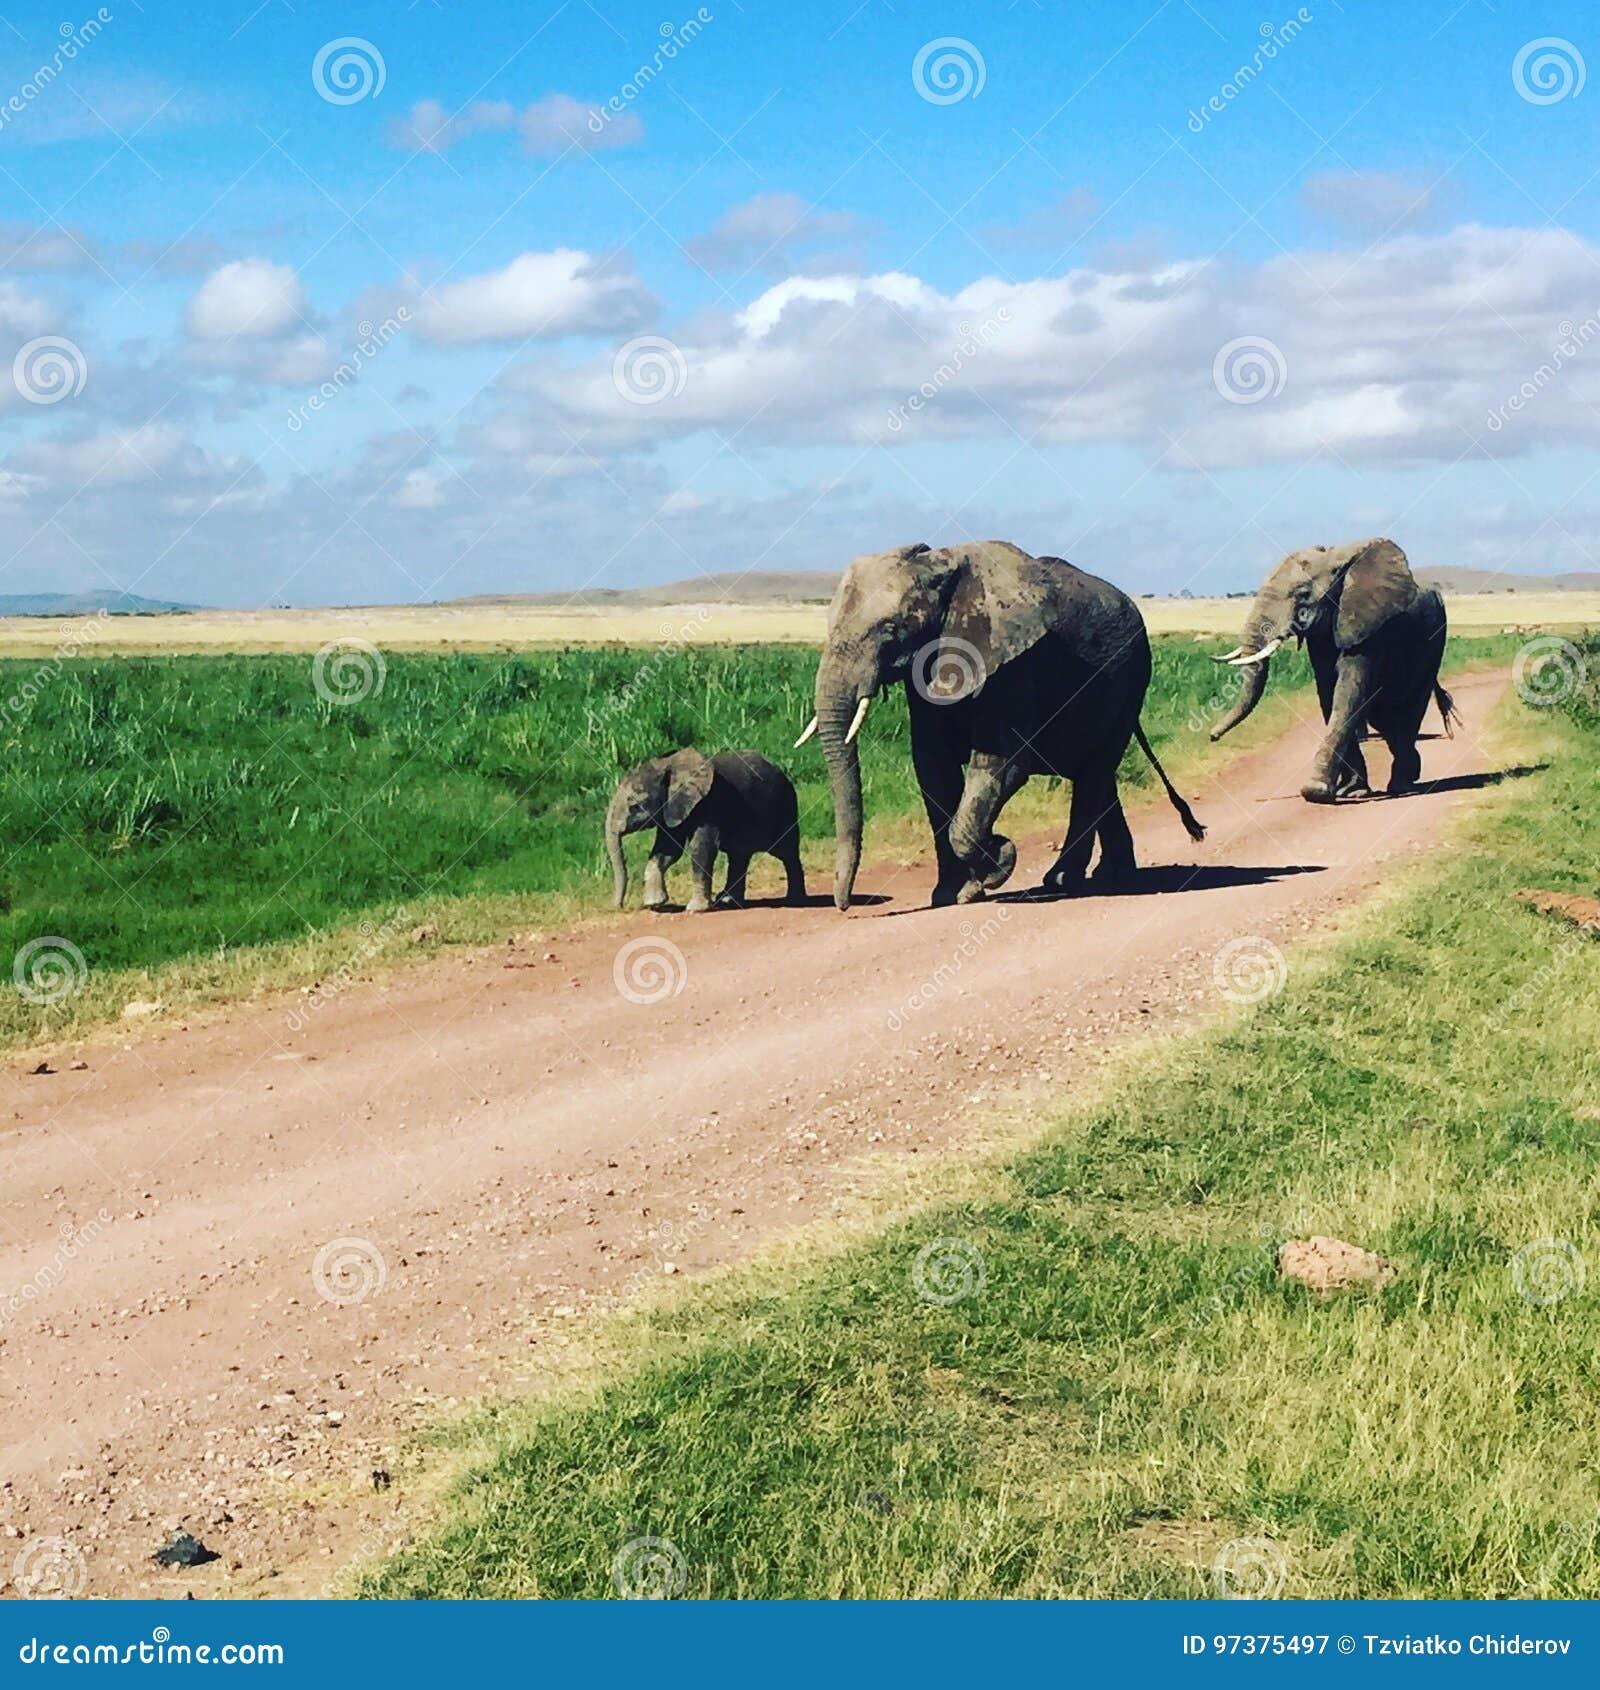 Elefantfamilie, die einen Spaziergang macht